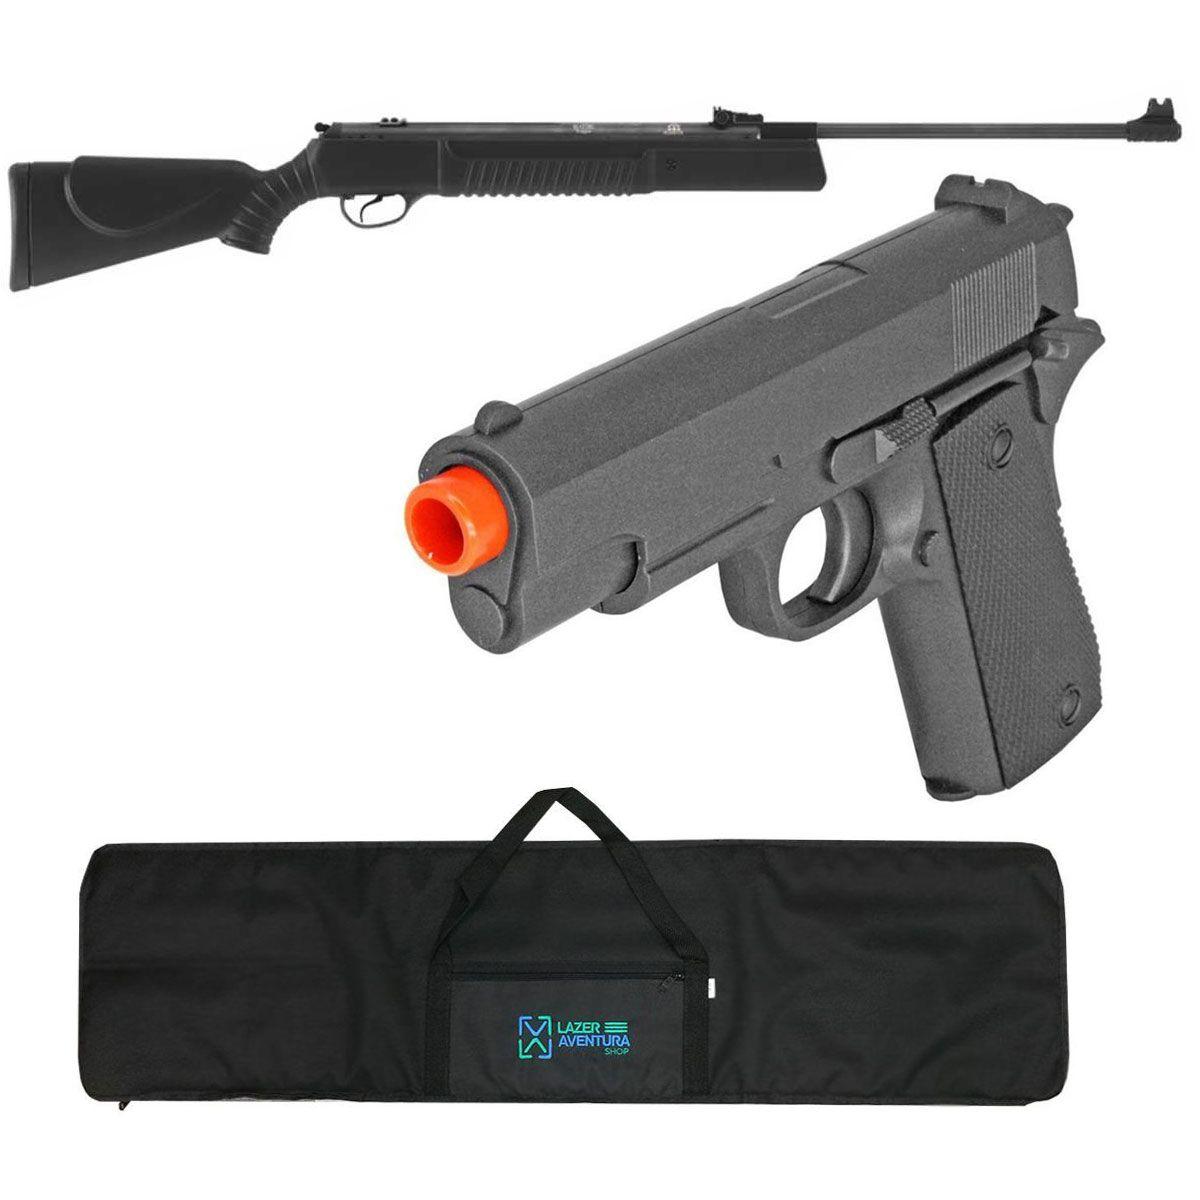 Kit Carabina 5,5mm + Pistola ZM04 + Capa Lazer e Aventura